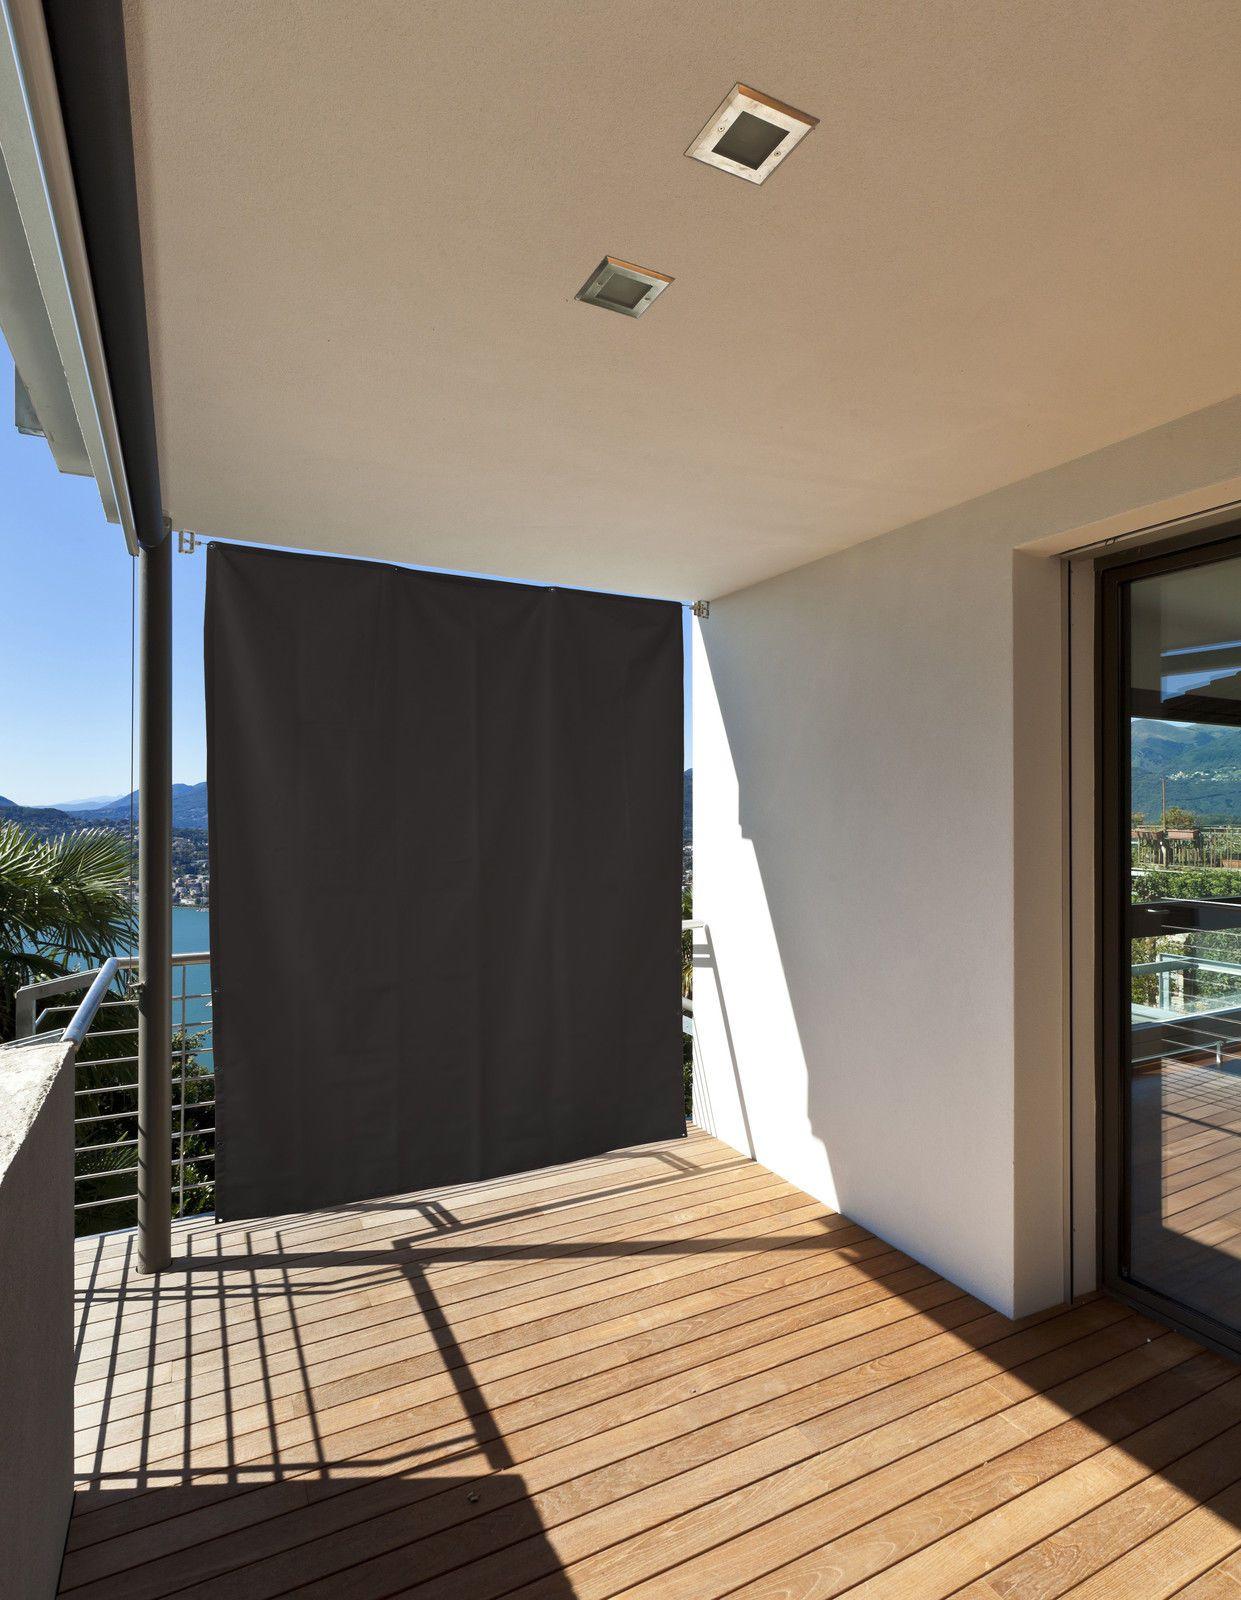 Bild 4 von 4 Sonnenschutz, Markise, Sonnenschutz terrasse